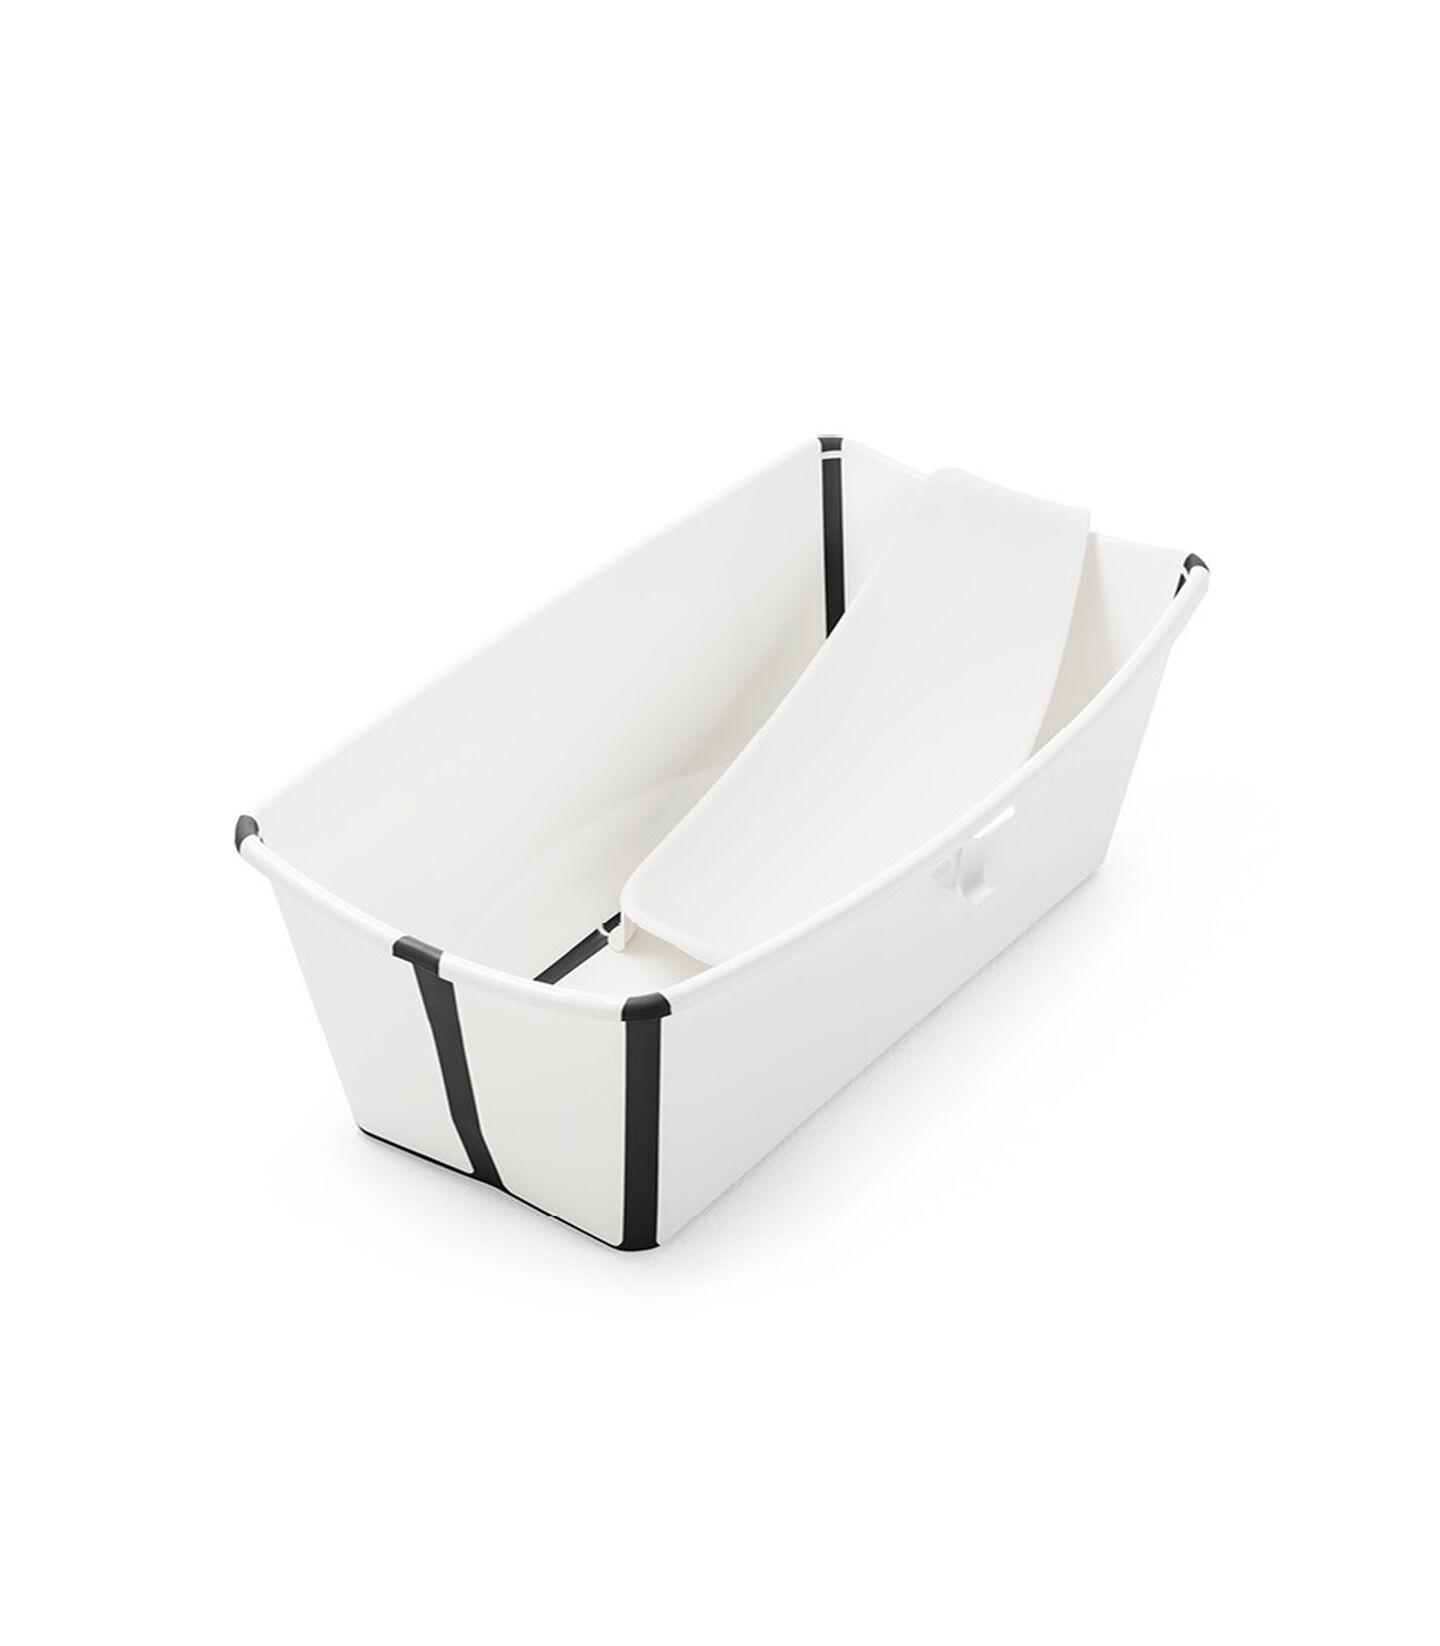 Stokke® Flexi Bath® bath tub, White Black Limited Edition, with Stokke® Flexi Bath® Newborn Support.